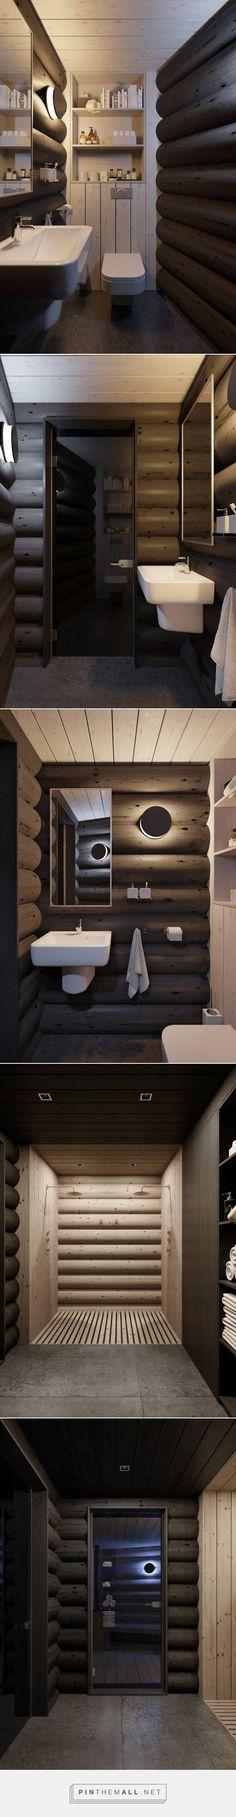 ванная в деревянном доме, санузел в деревянном доме, туалет в деревянном доме, интерьер в доме из бруса, ванная комната дизайн дерево, ванная с душевой кабиной, дом из бруса проект, деревянный дом ванная / wood house bathroom, wood house interior, bathroom in wooden house